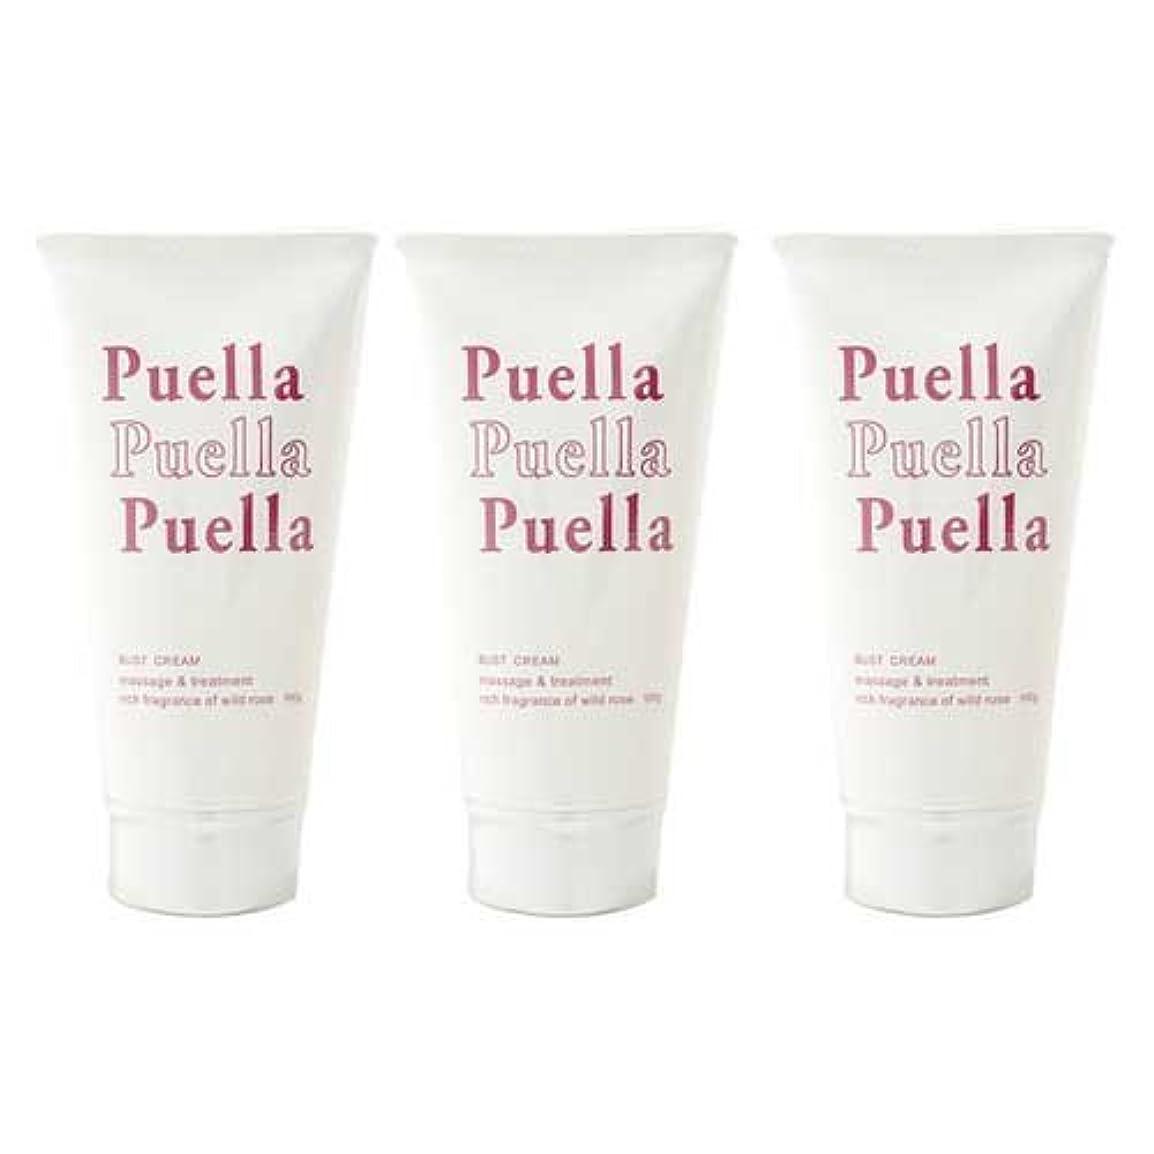 黙ノイズ条件付き3個セット puella(プエルラ)